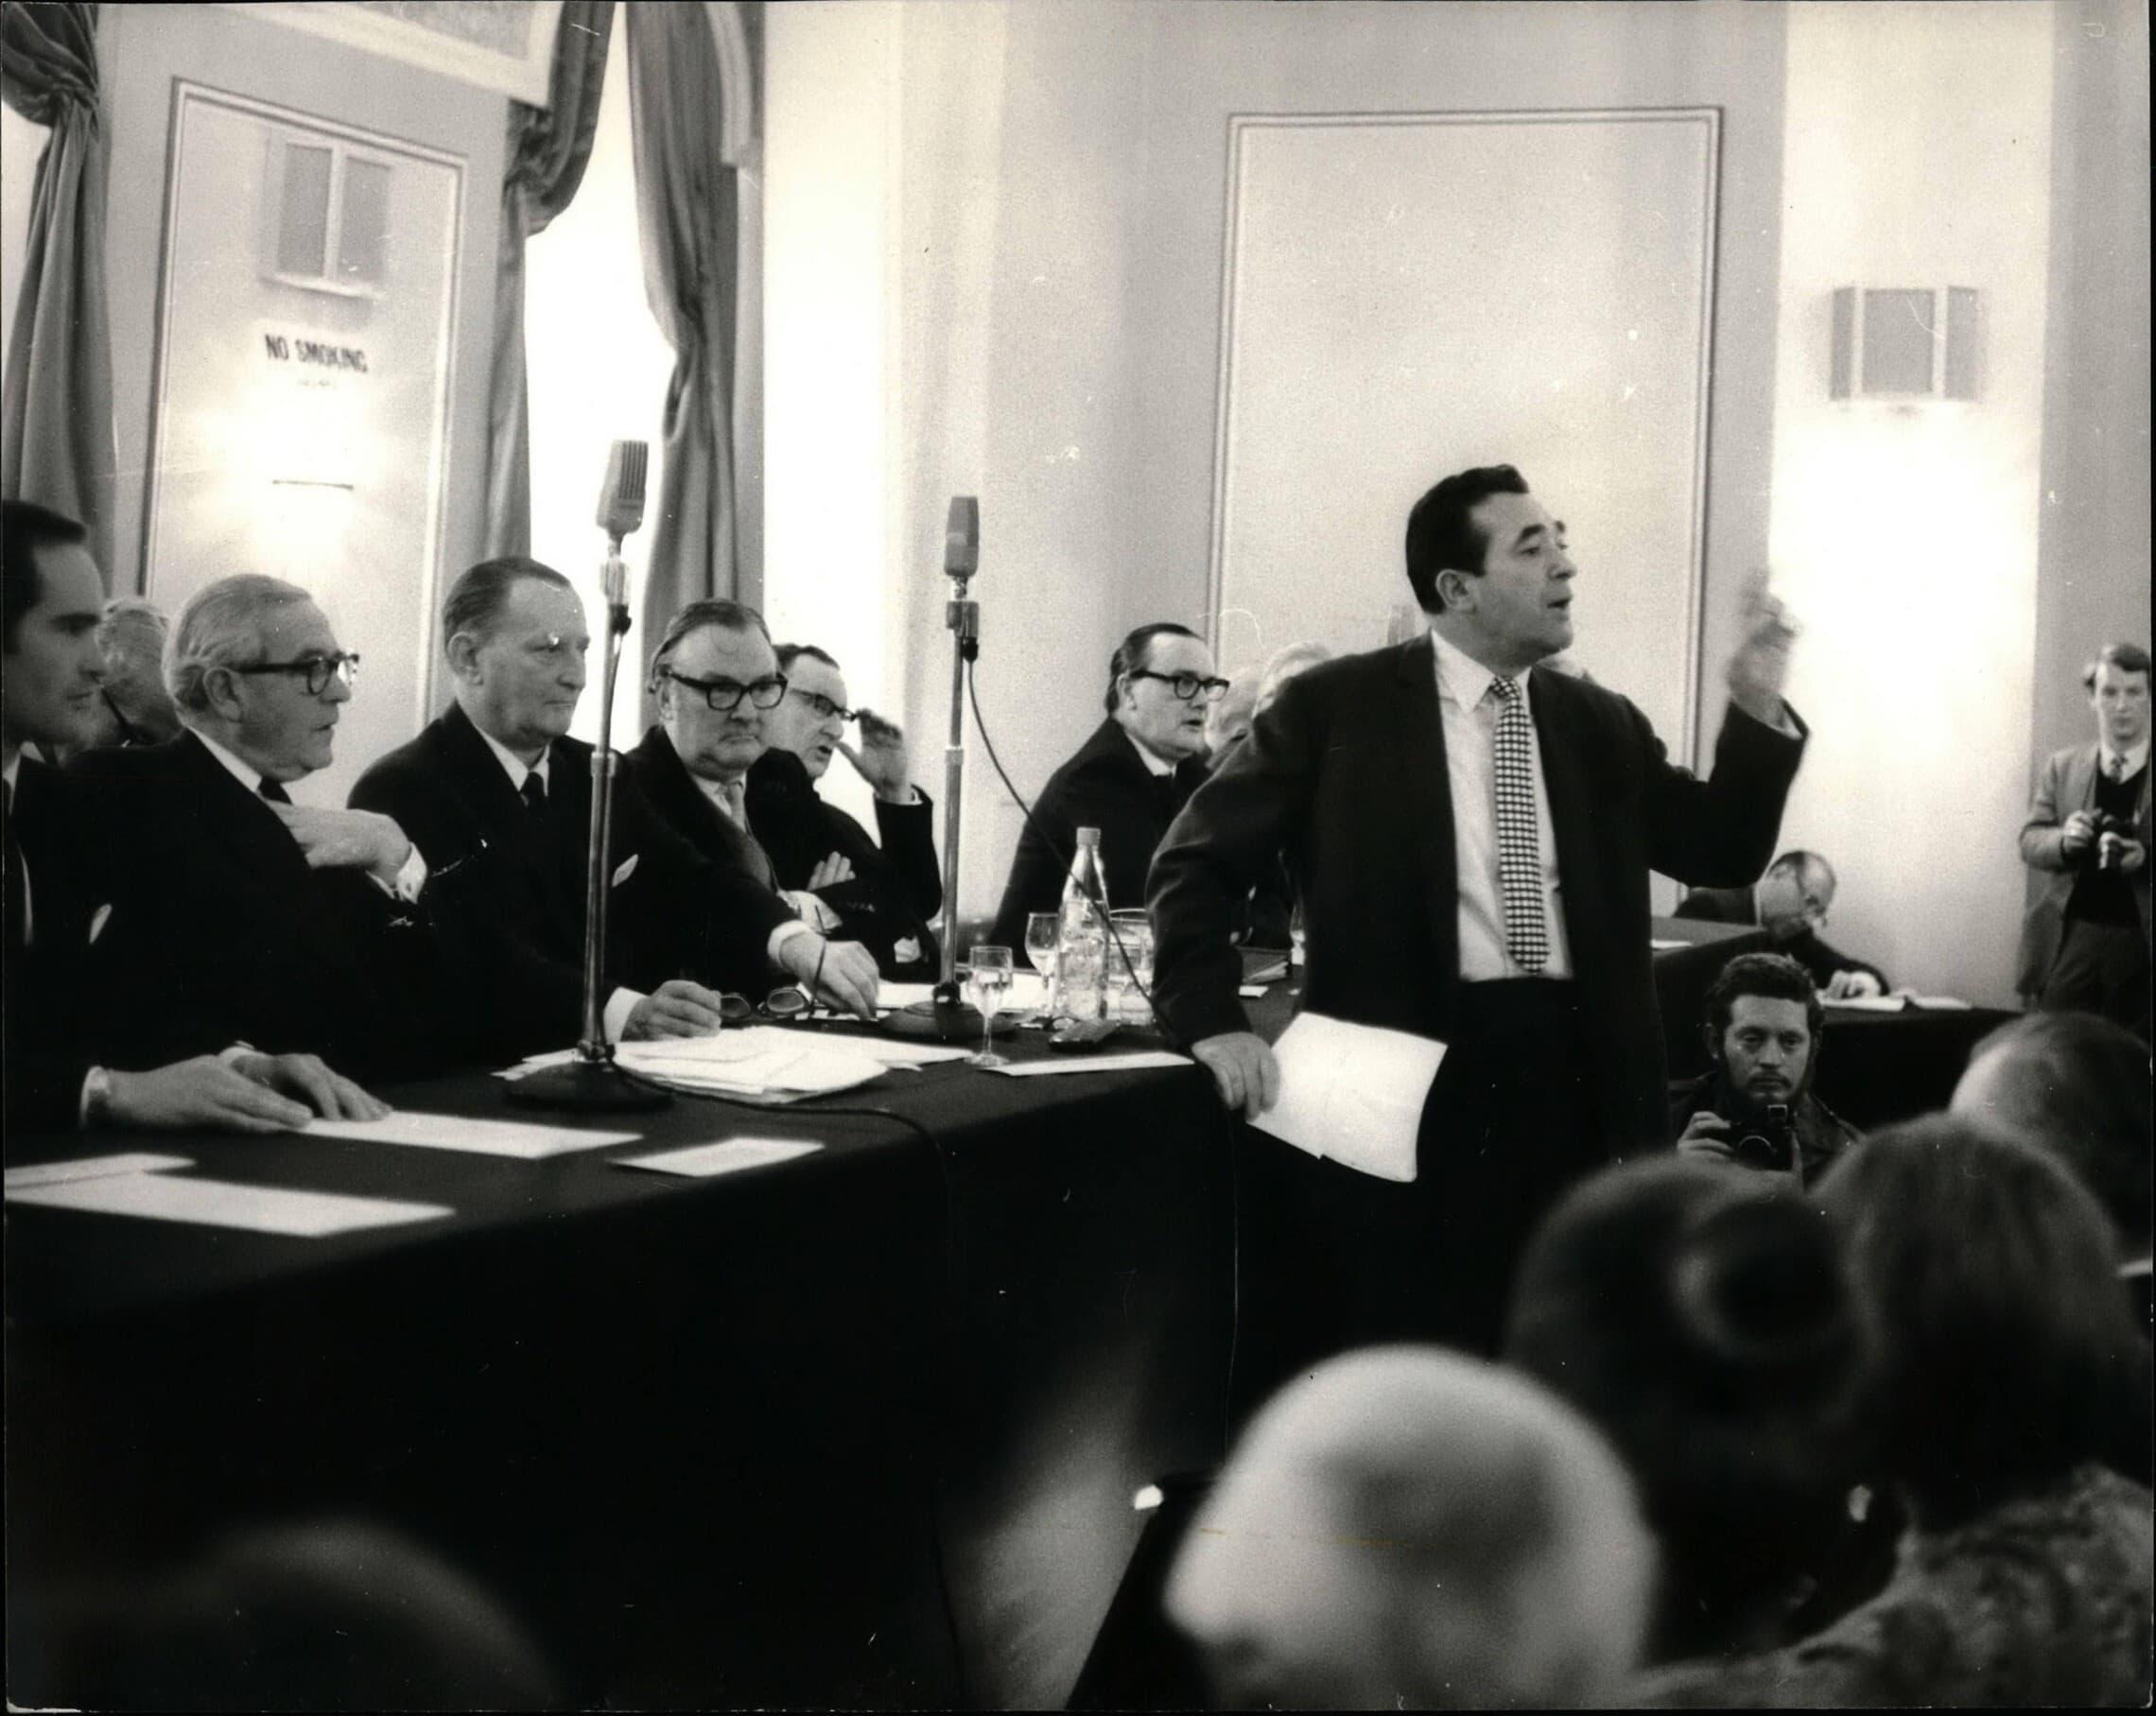 """רוברט מקסוול מנסה לרכוש את """"ניוז אוף דה וורלד"""" באסיפת בעלי המניות של העיתון ב-1 בינואר 1969 (צילום: Keystone Press / Alamy)"""